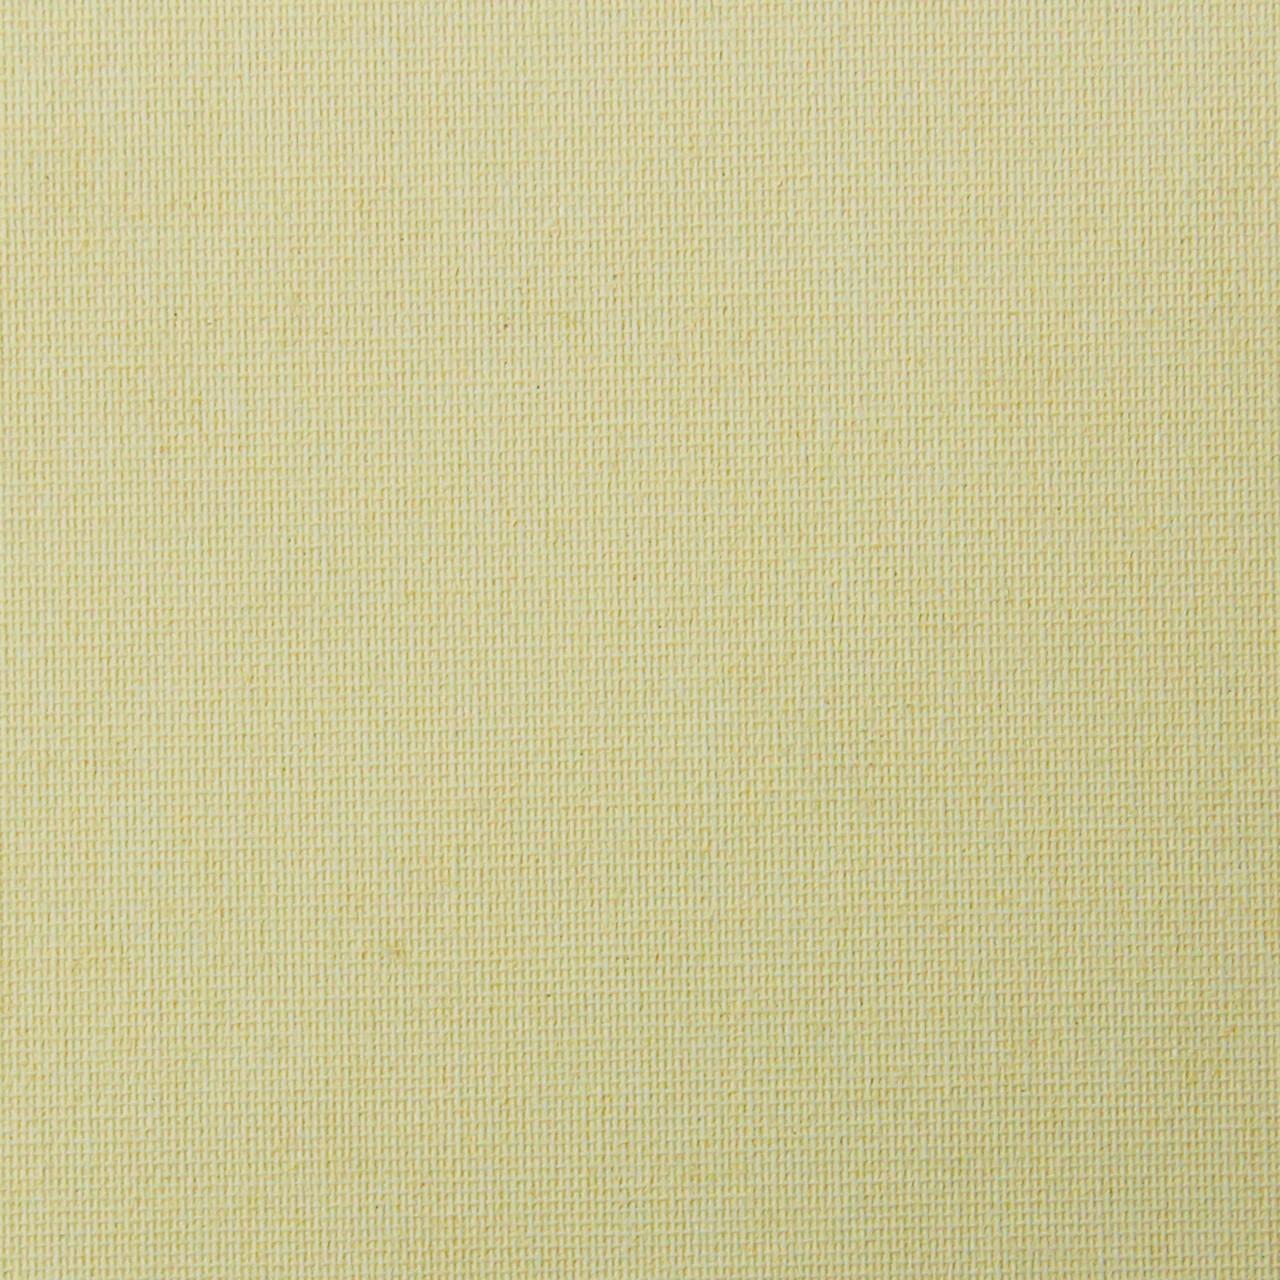 Рулонные шторы Ткань Однотонная А-606 Ваниль